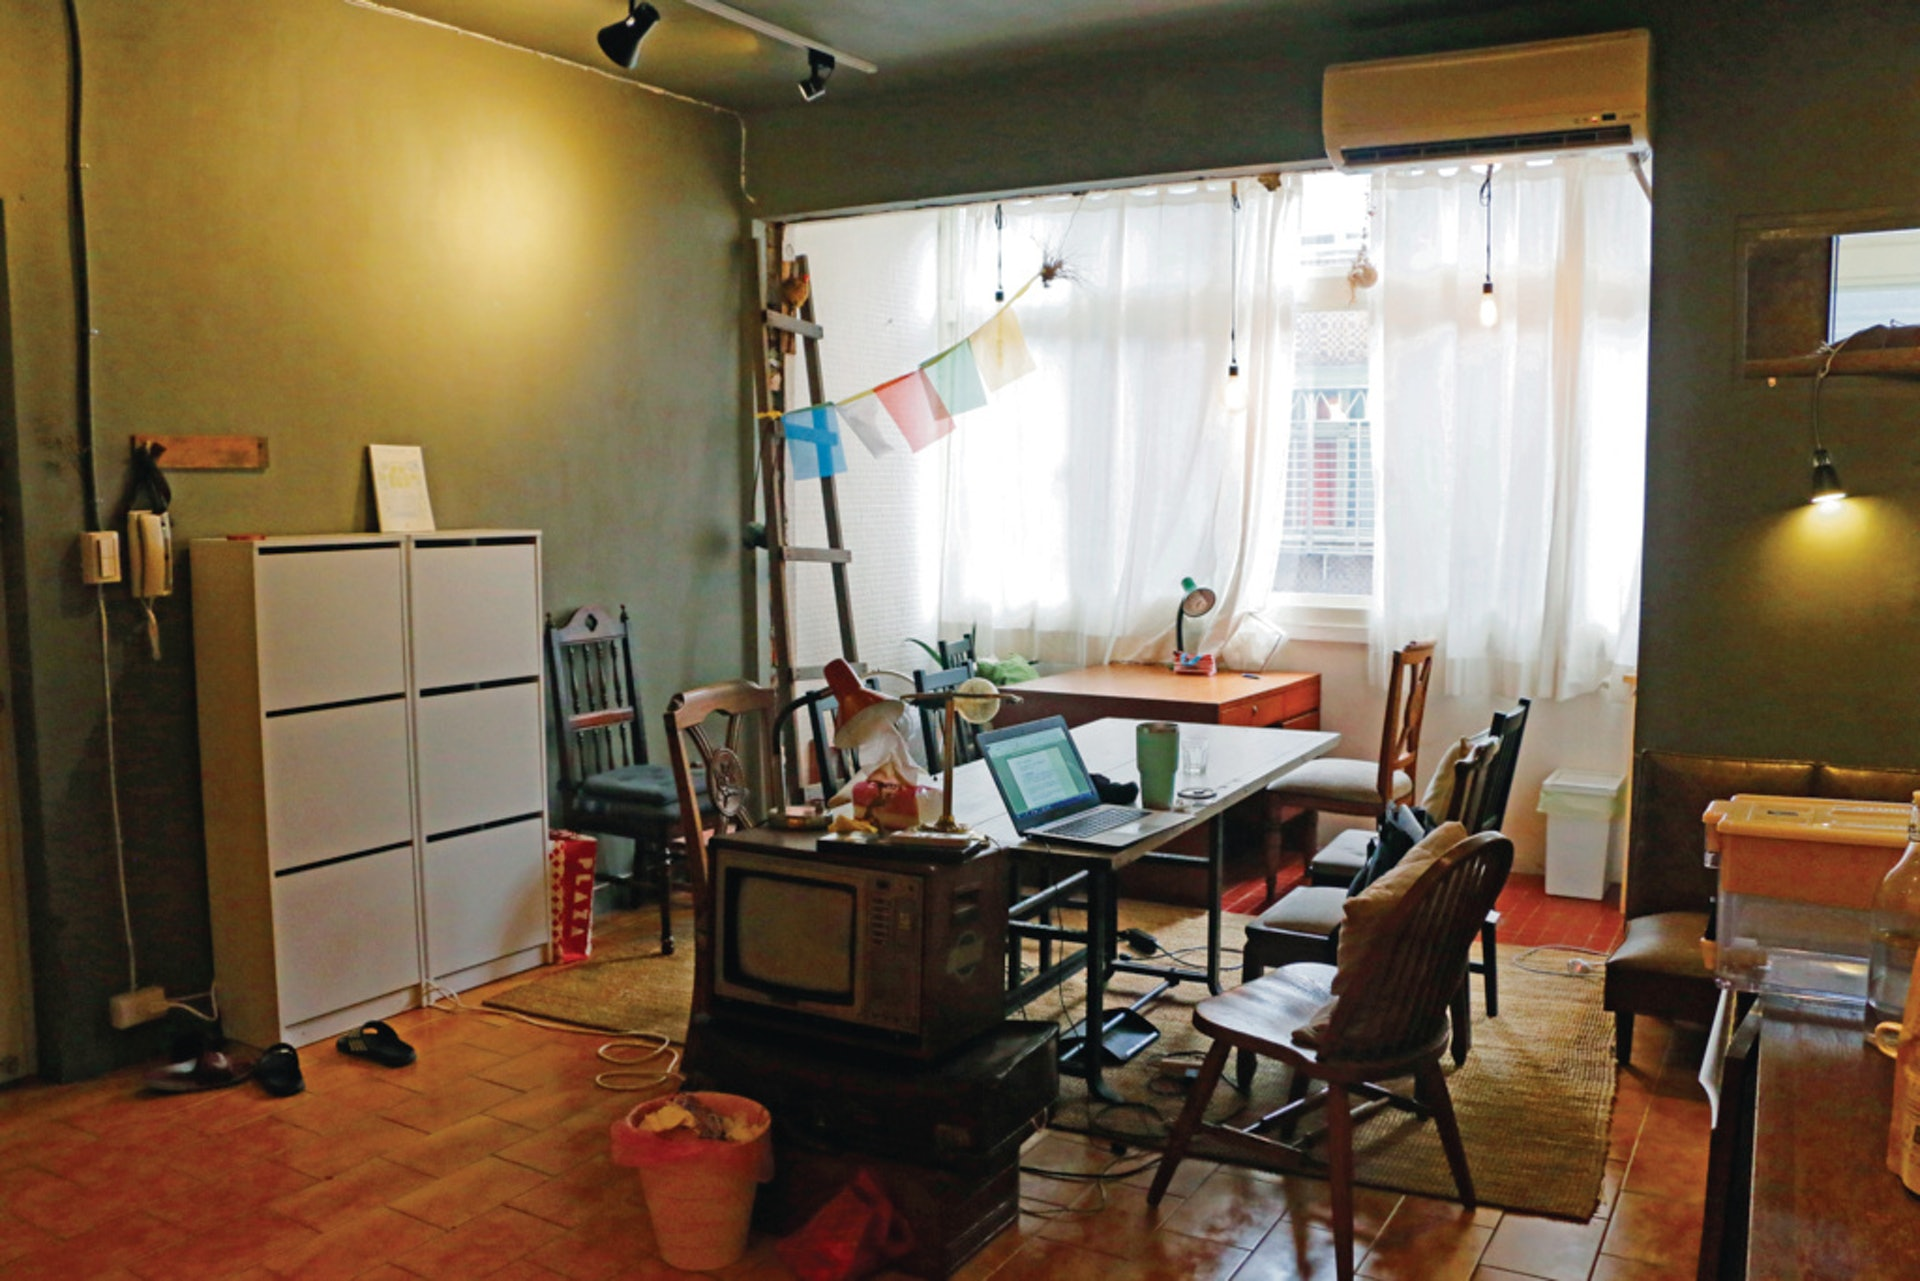 玖樓團隊將老房子翻新,提供青年居住空間,並在空間中開啟共居實驗。(杜晉軒攝)